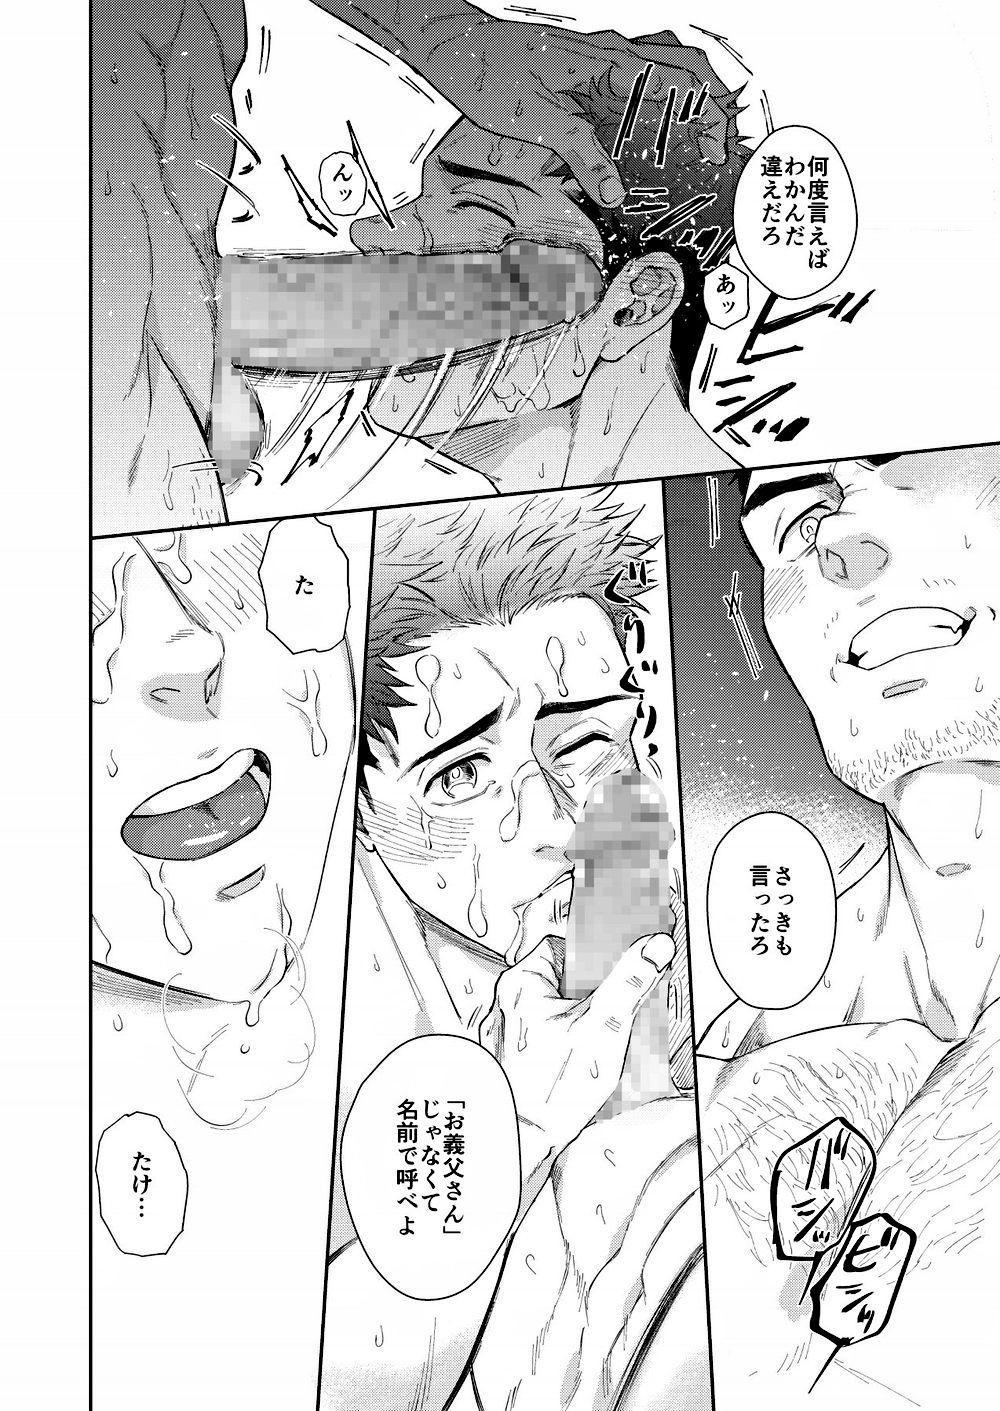 Kamishimo o nuide hitotsu bureikō 33